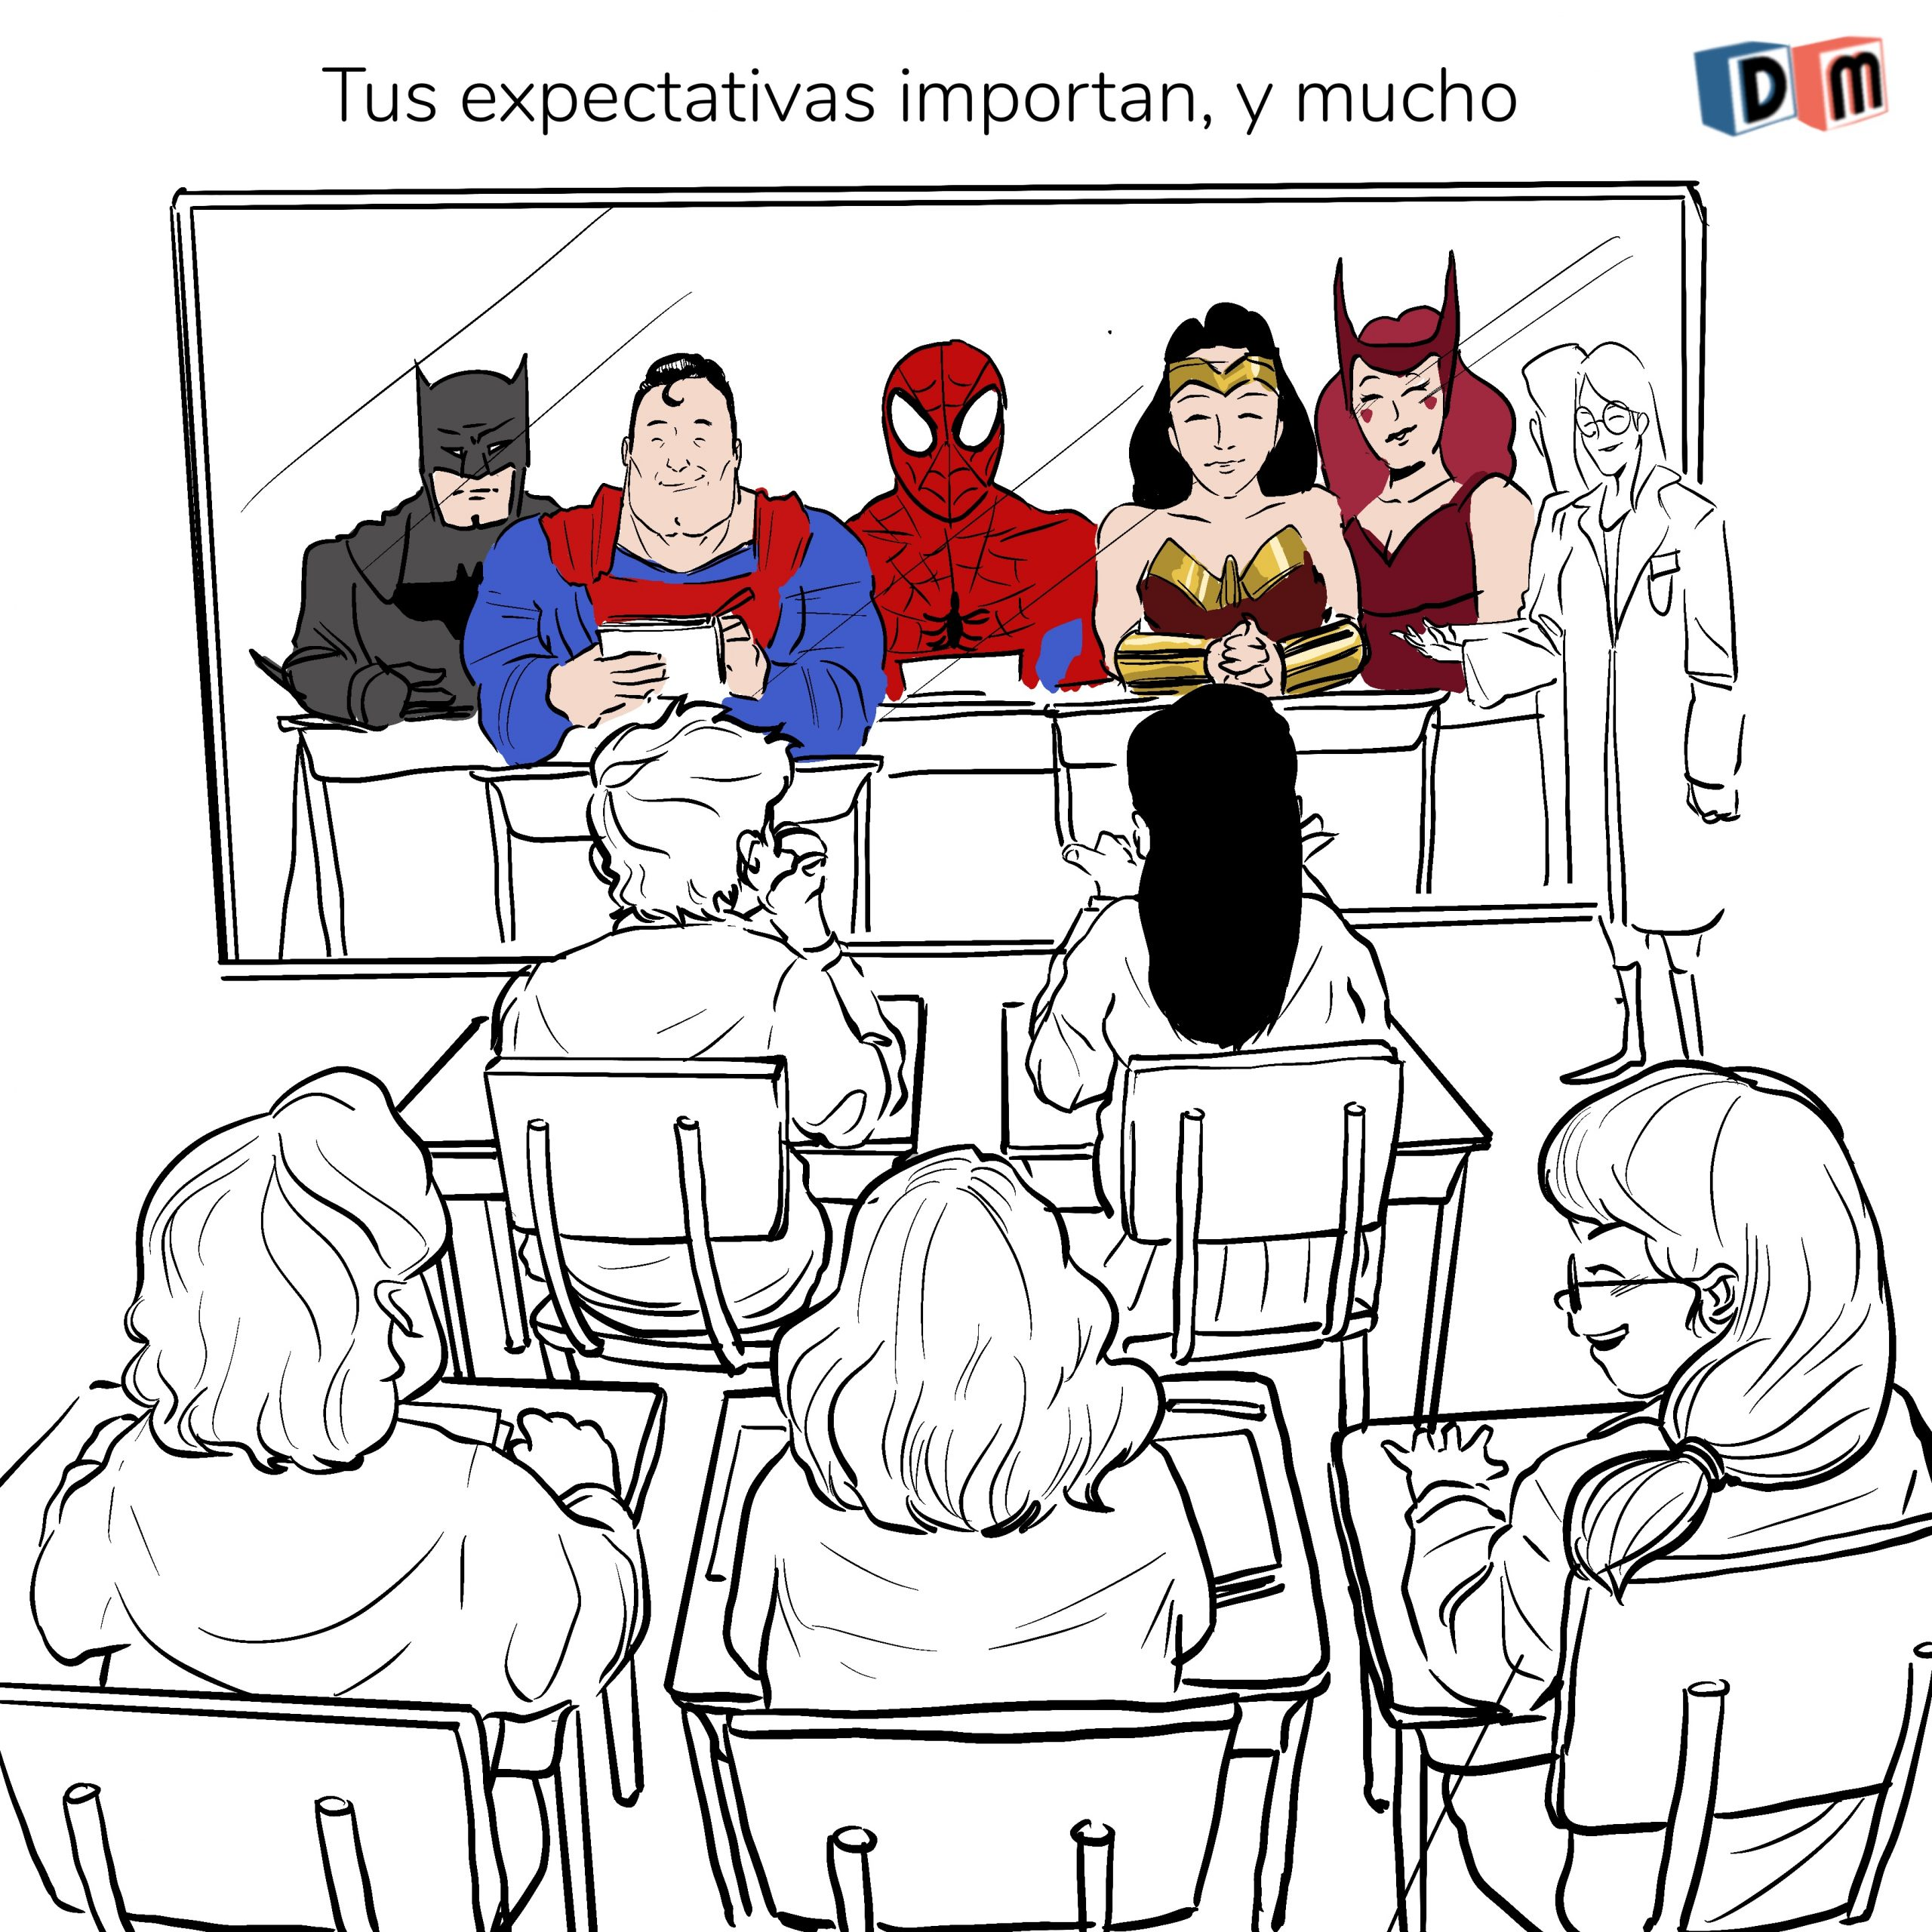 David Mora_Viñeta 34_Tus expectativas importan, y mucho